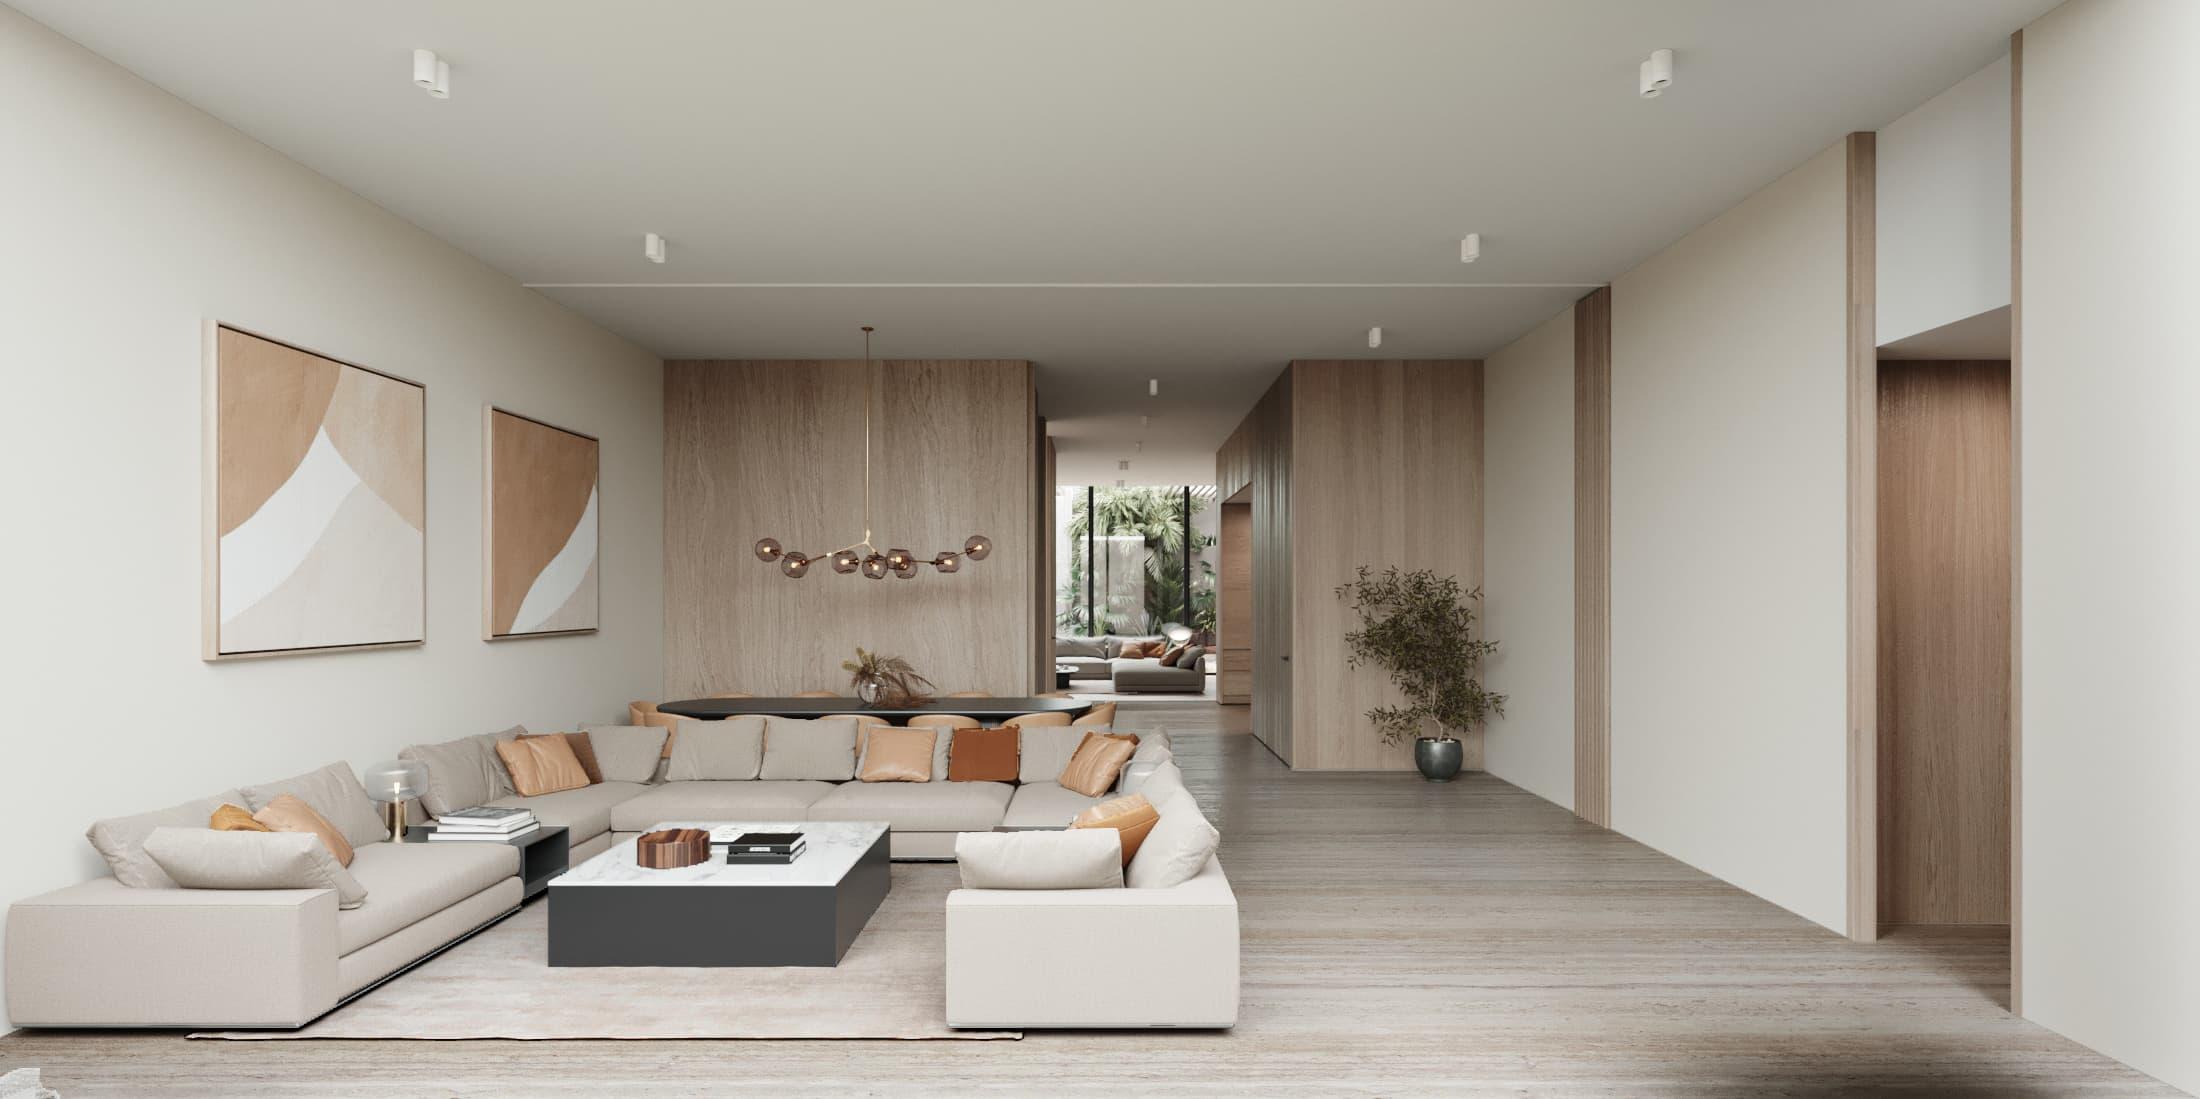 villa designs (5)